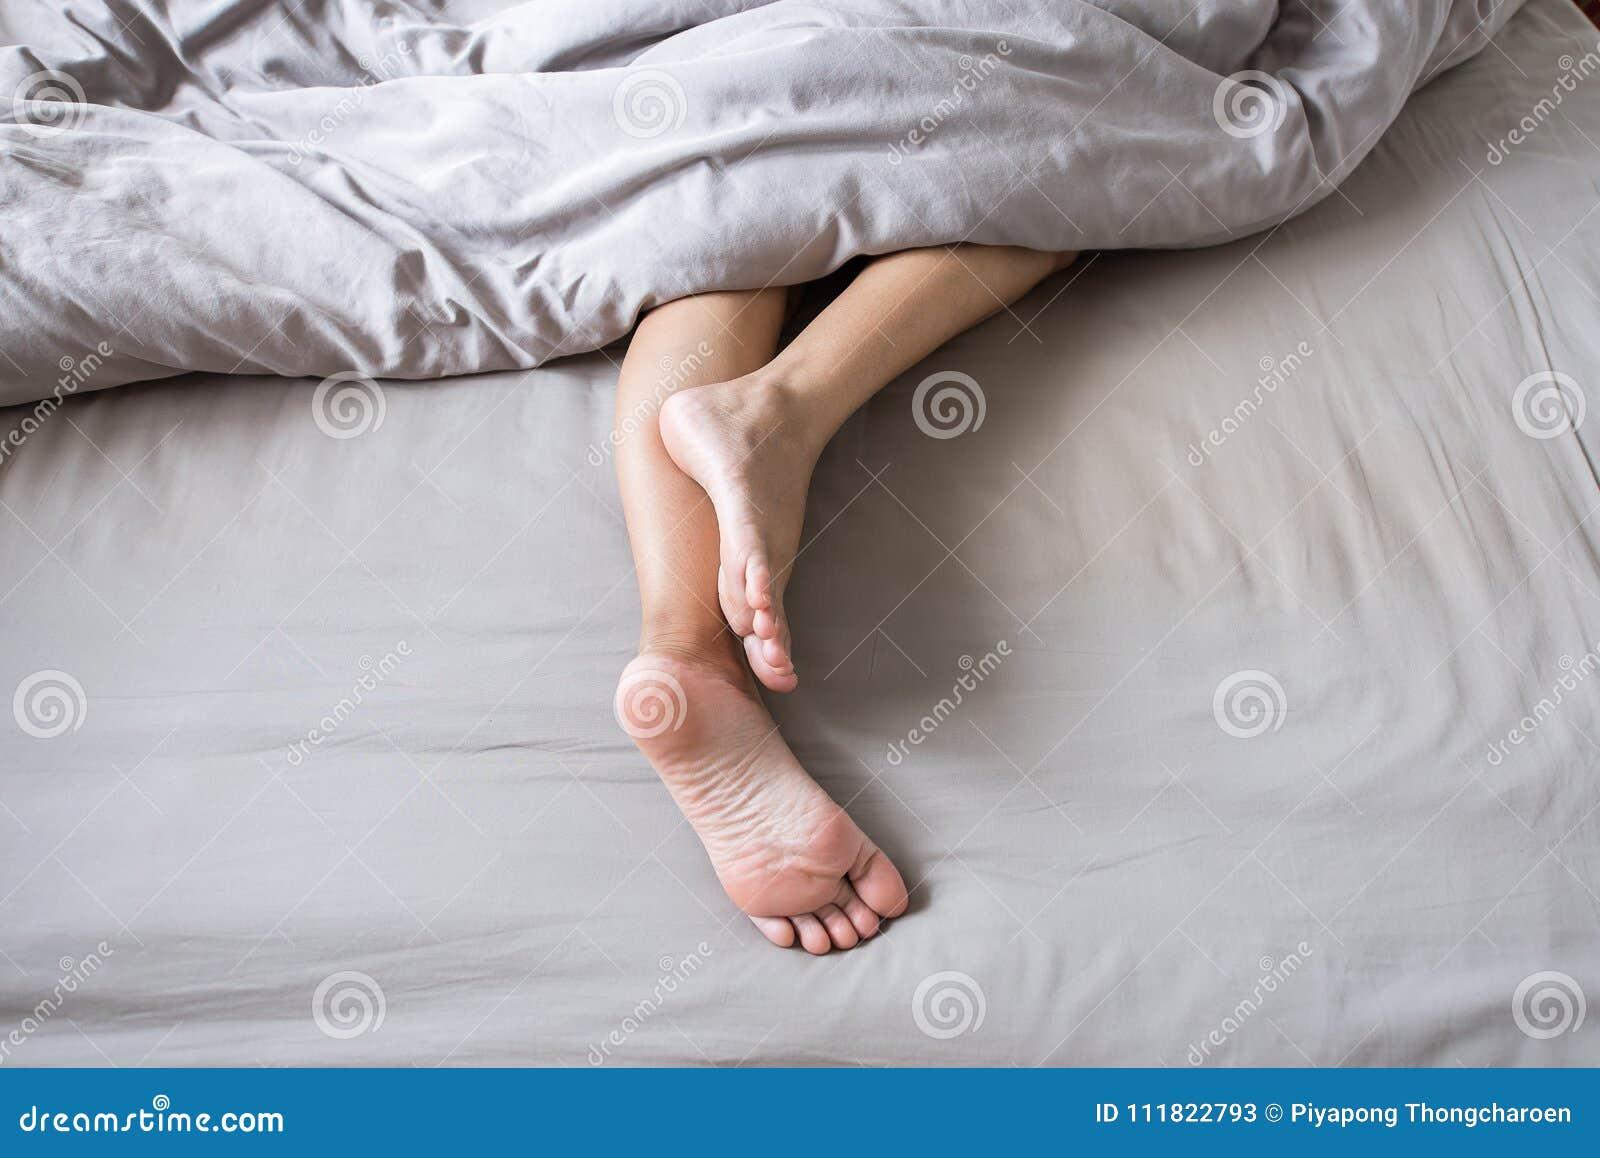 Barfuß und Bein unter Decke auf dem Bett nachdem dem Aufwachen am Morgen